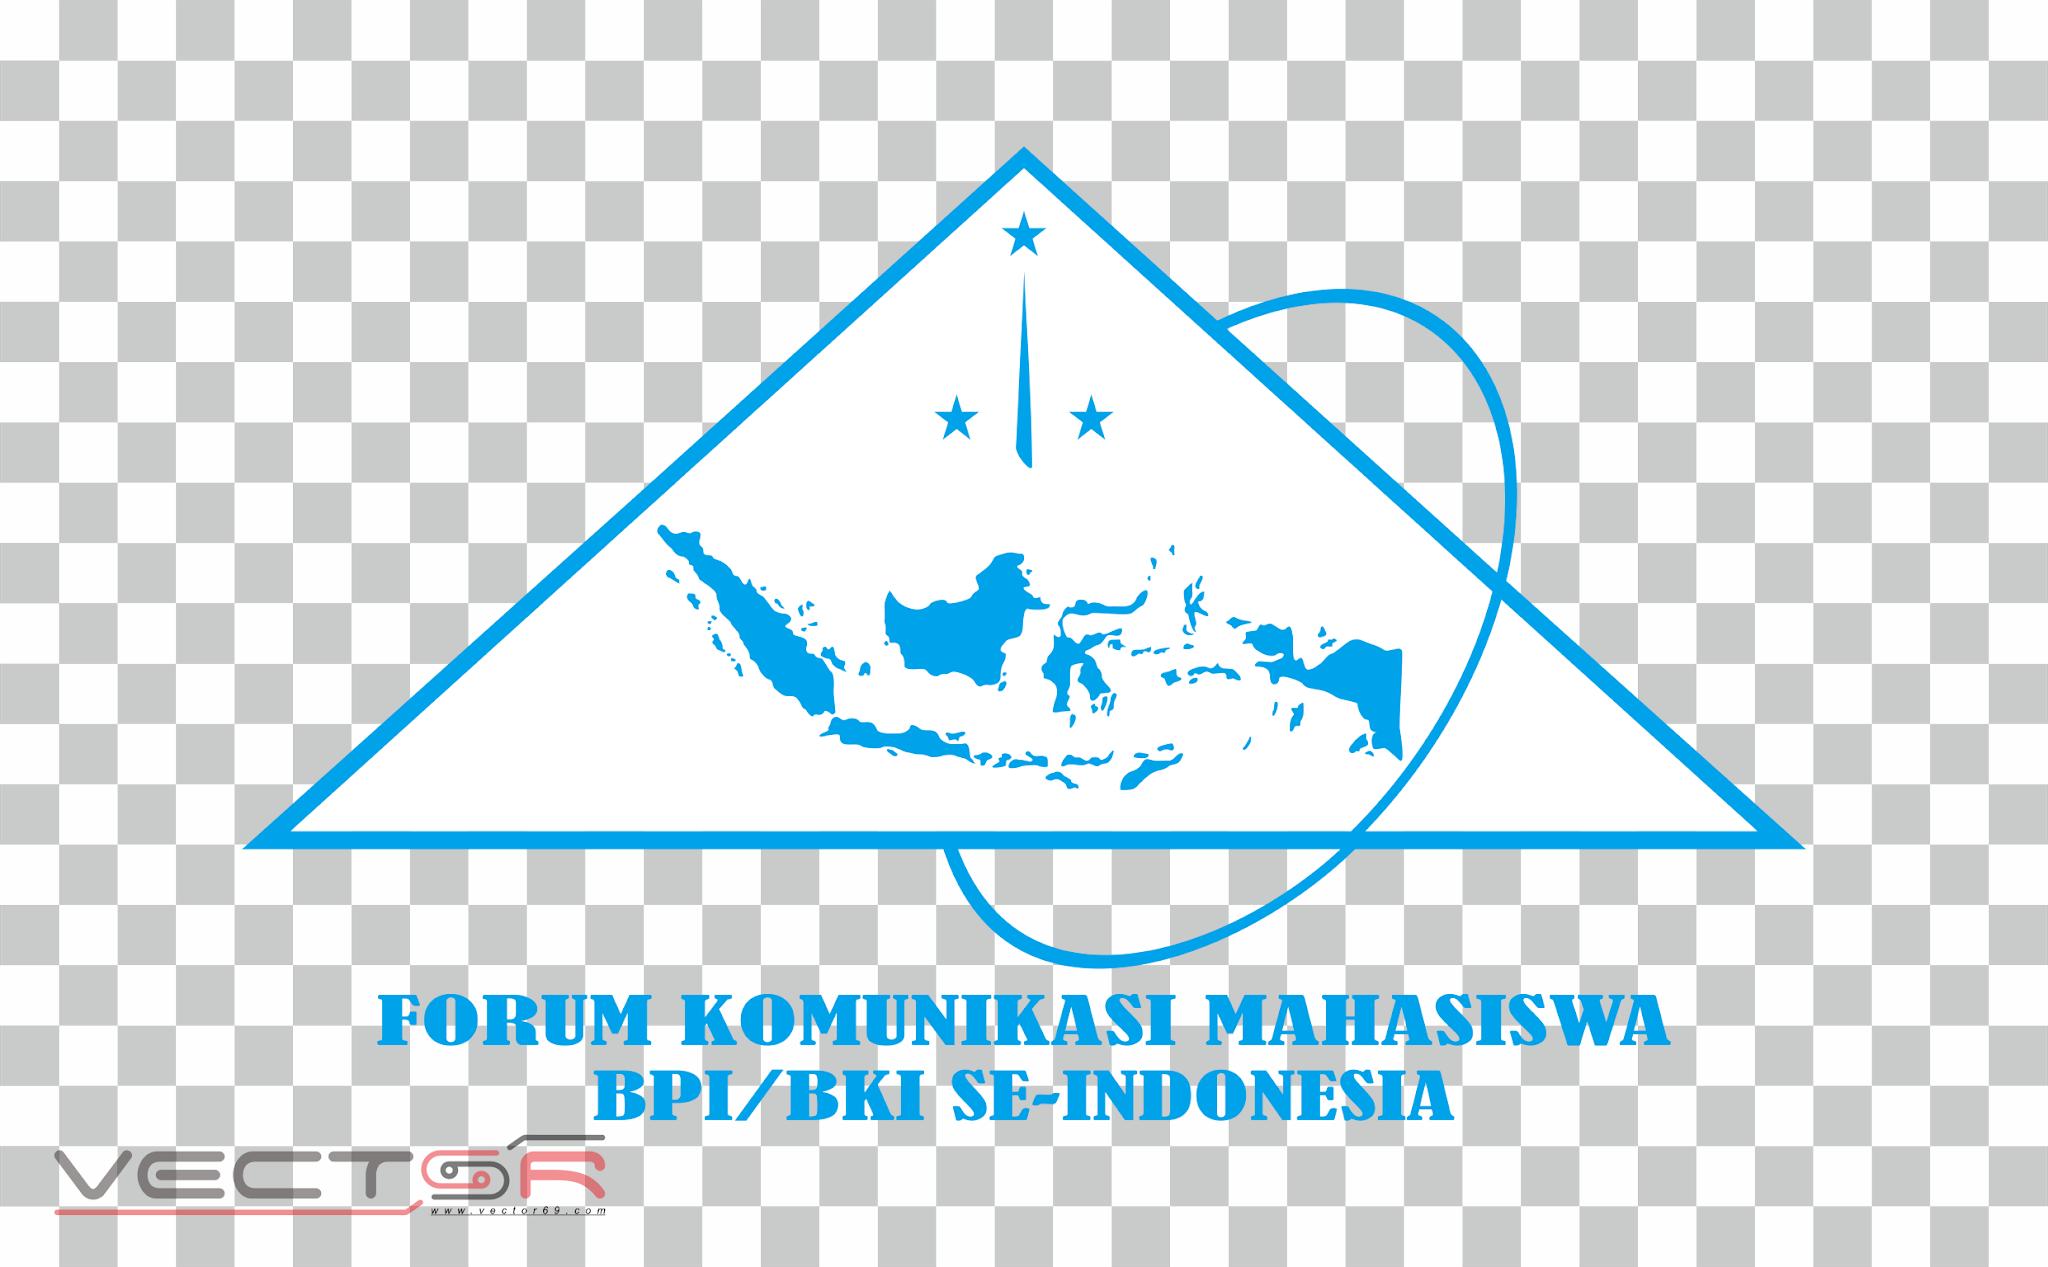 Logo FKM BPI/BKI Se-Indonesia Biru - Download .PNG (Portable Network Graphics) Transparent Images